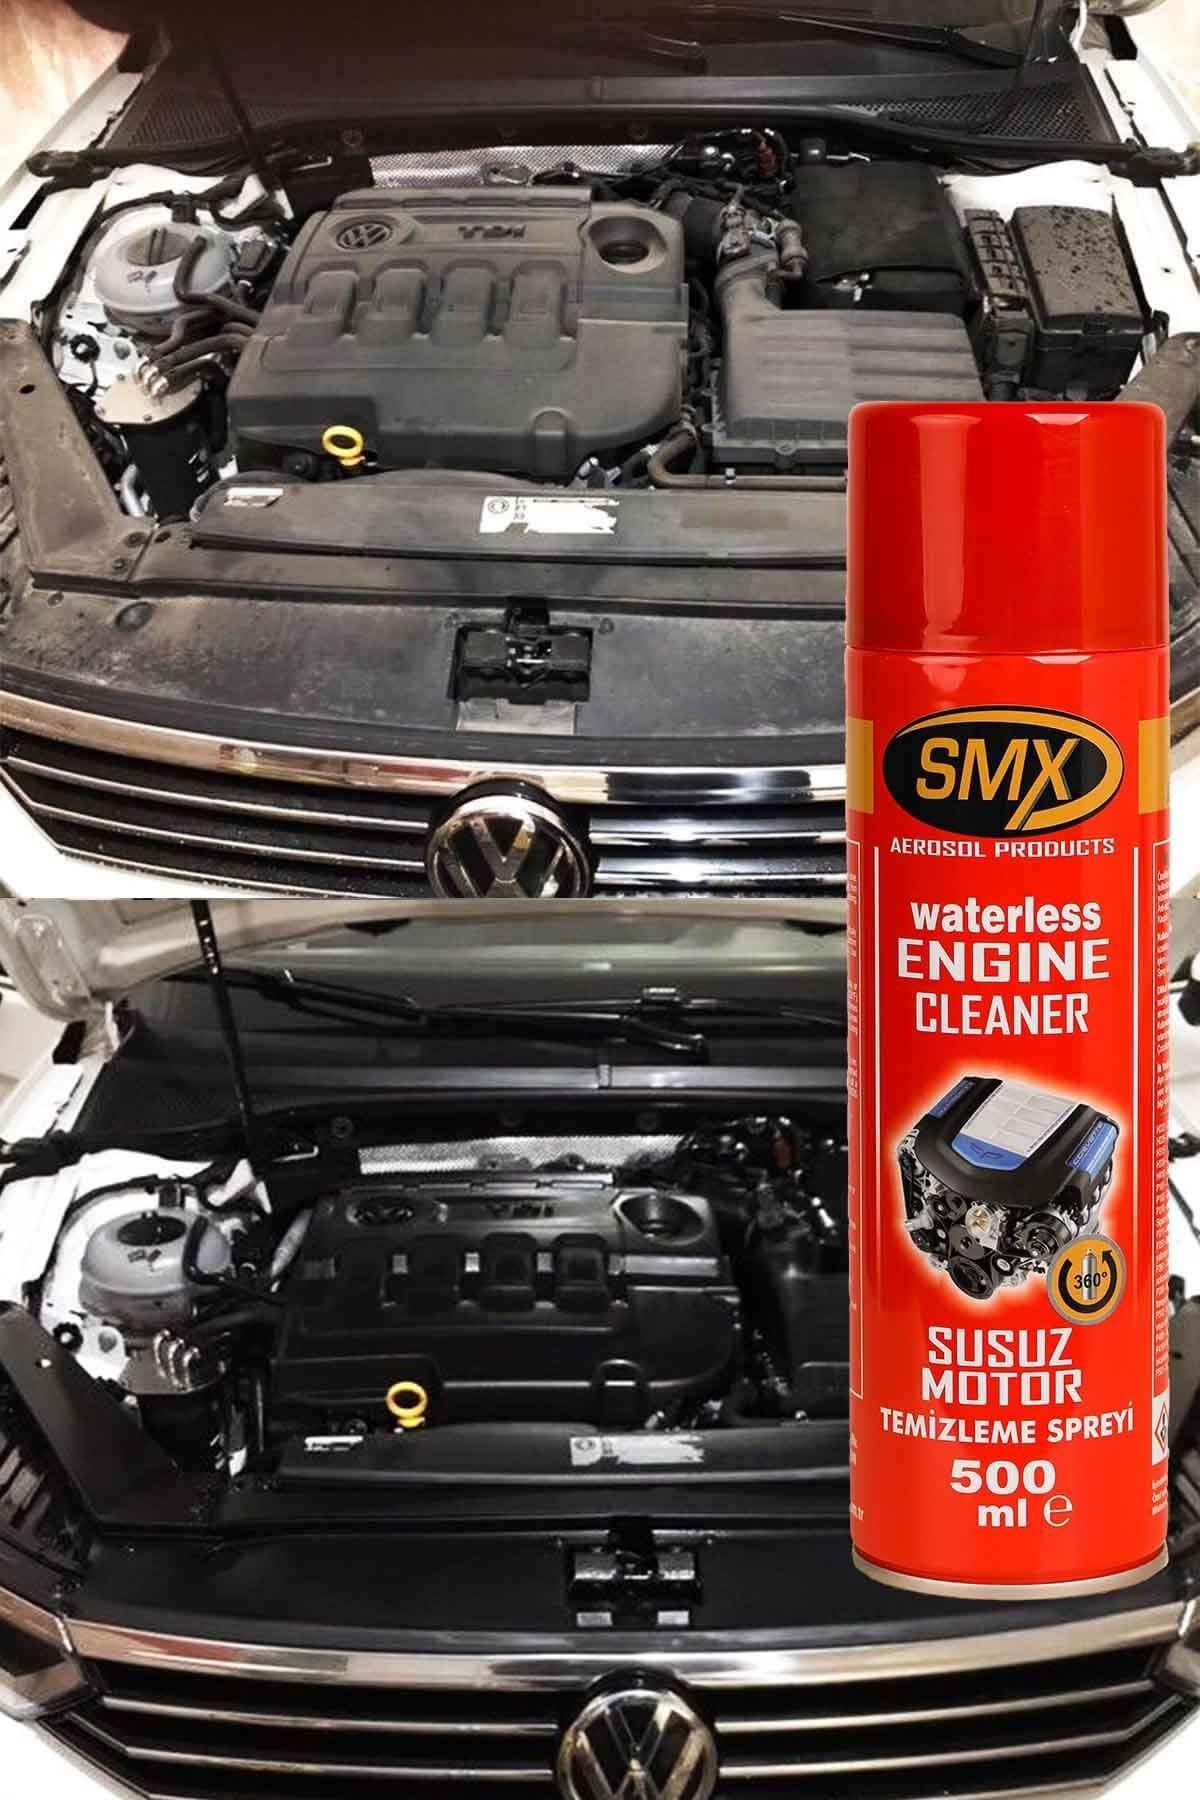 SMX Susuz Motor Temizleme Spreyi / Seramik Cila / Hızlı Cila / Pratik Cila / MUHTEŞEM 2'Lİ